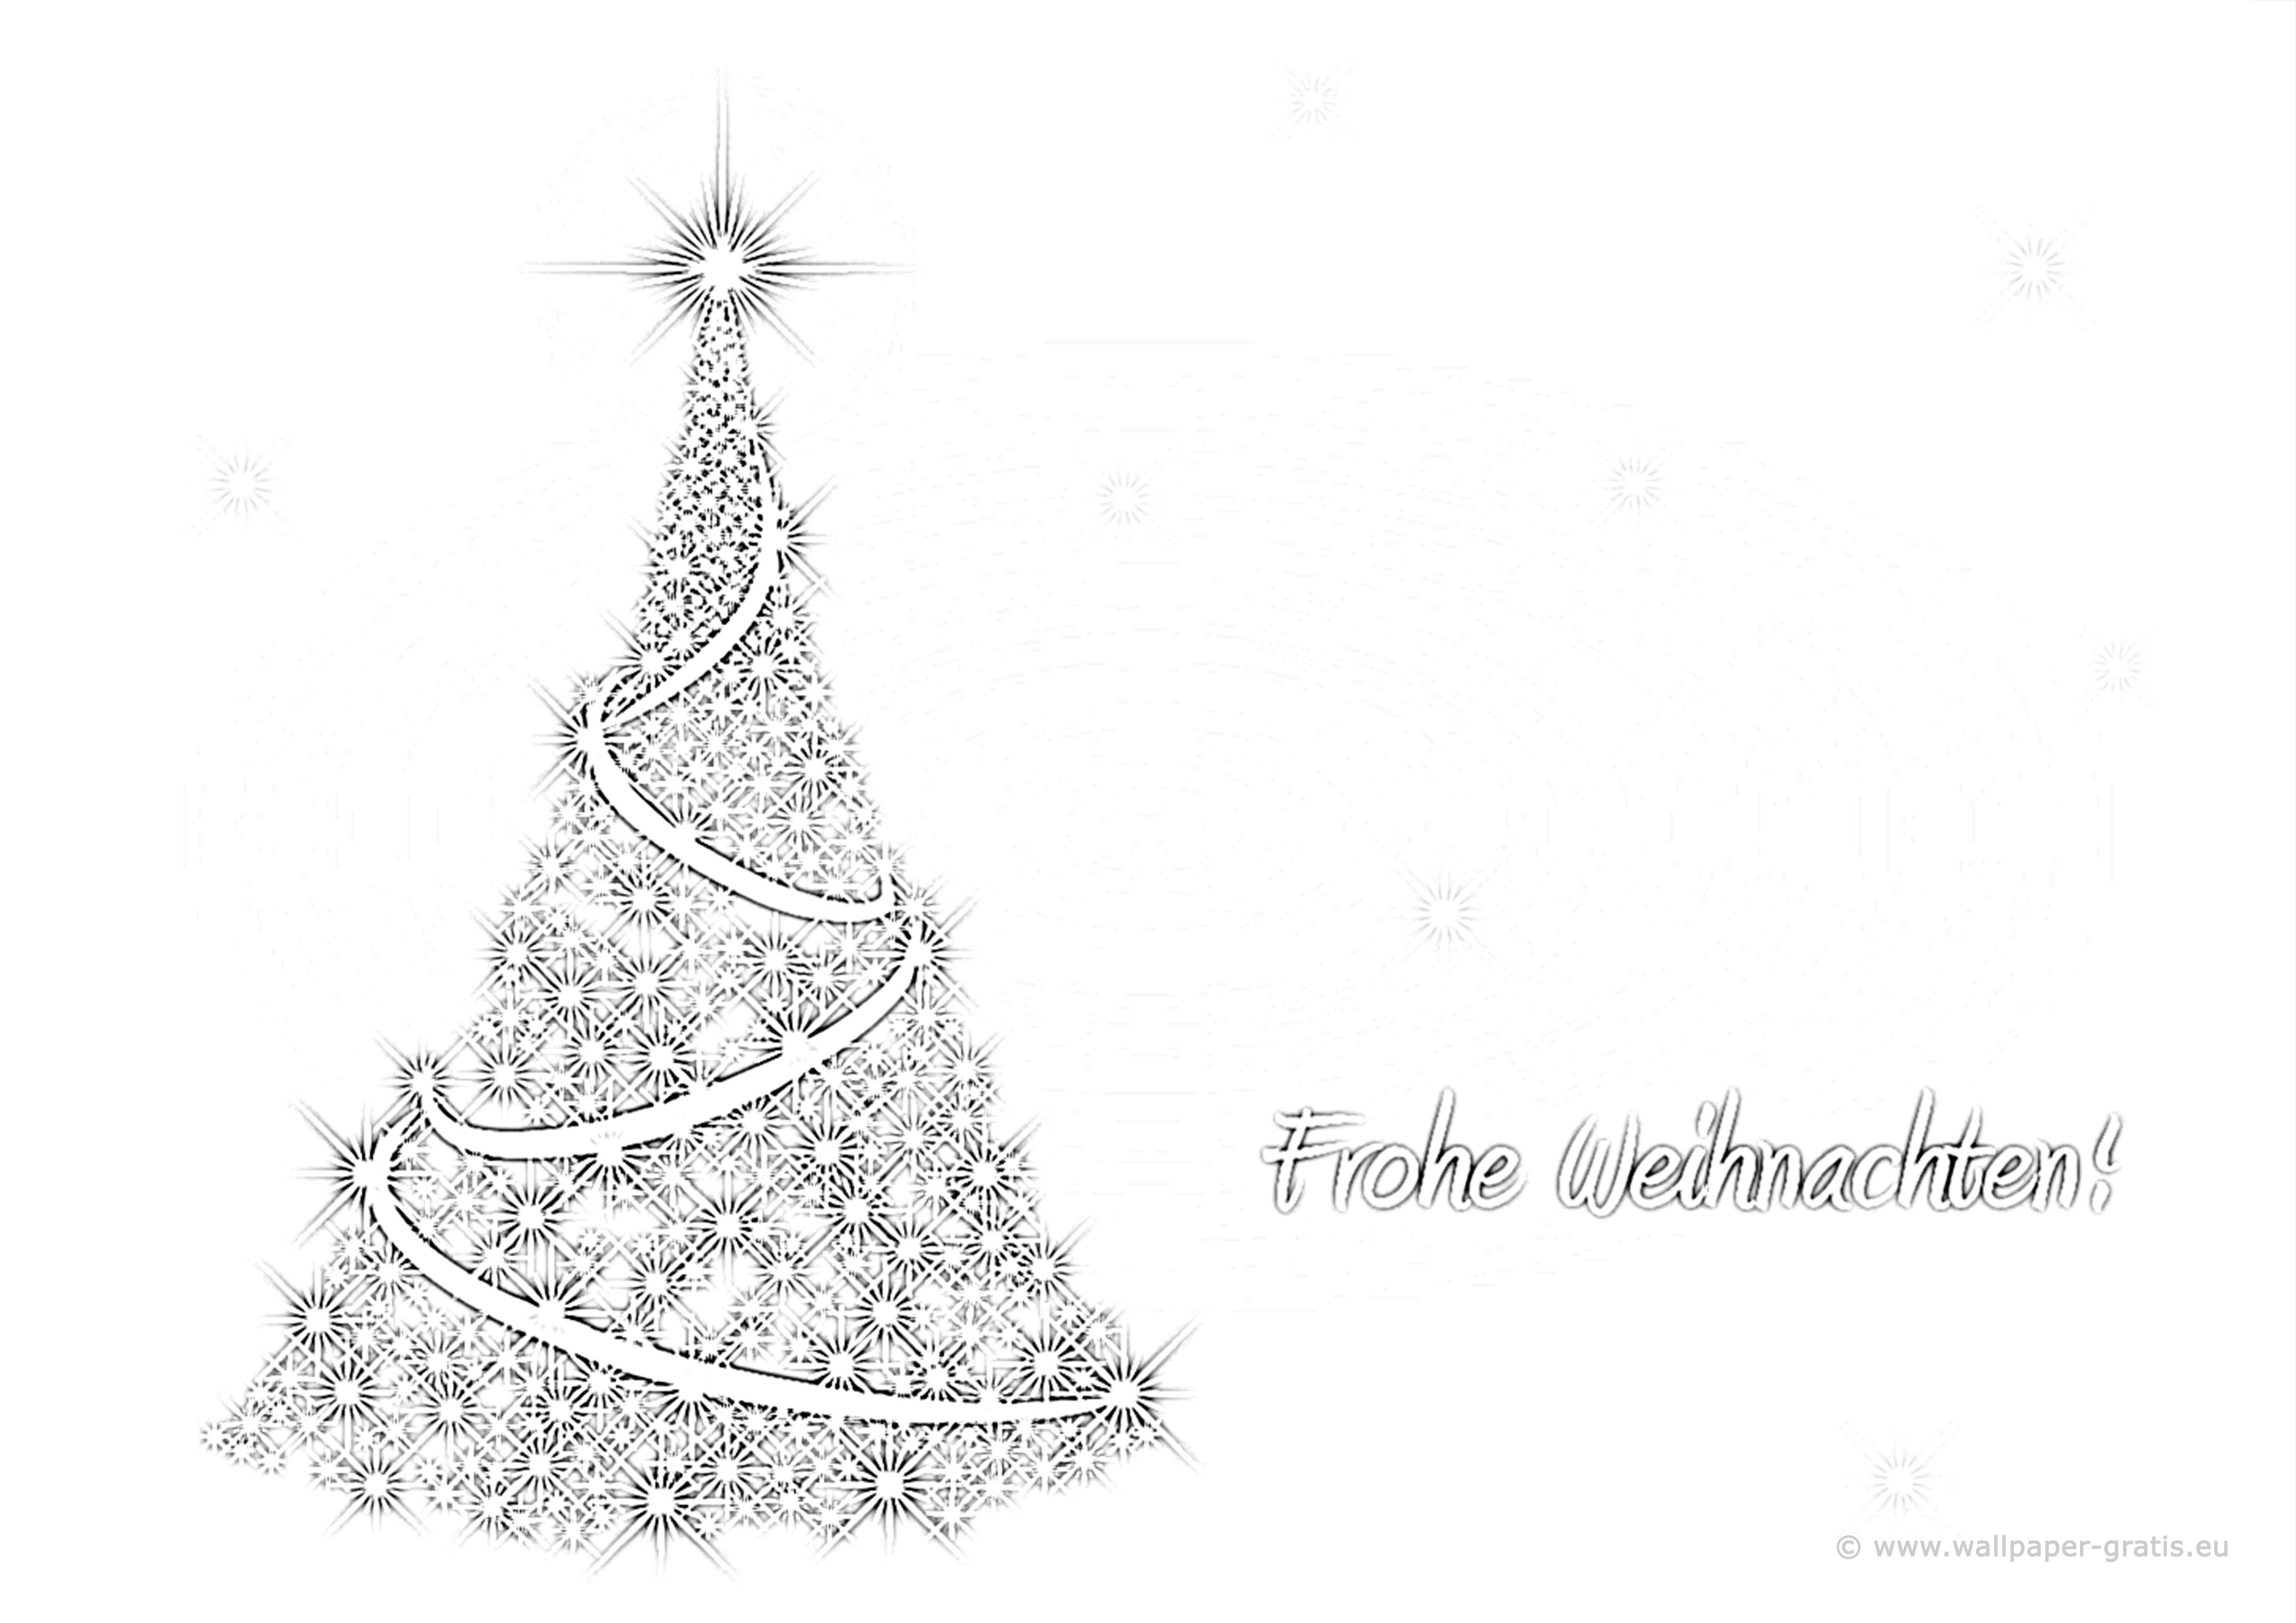 frohe weihnachten 004  kostenloses hintergrundbild für